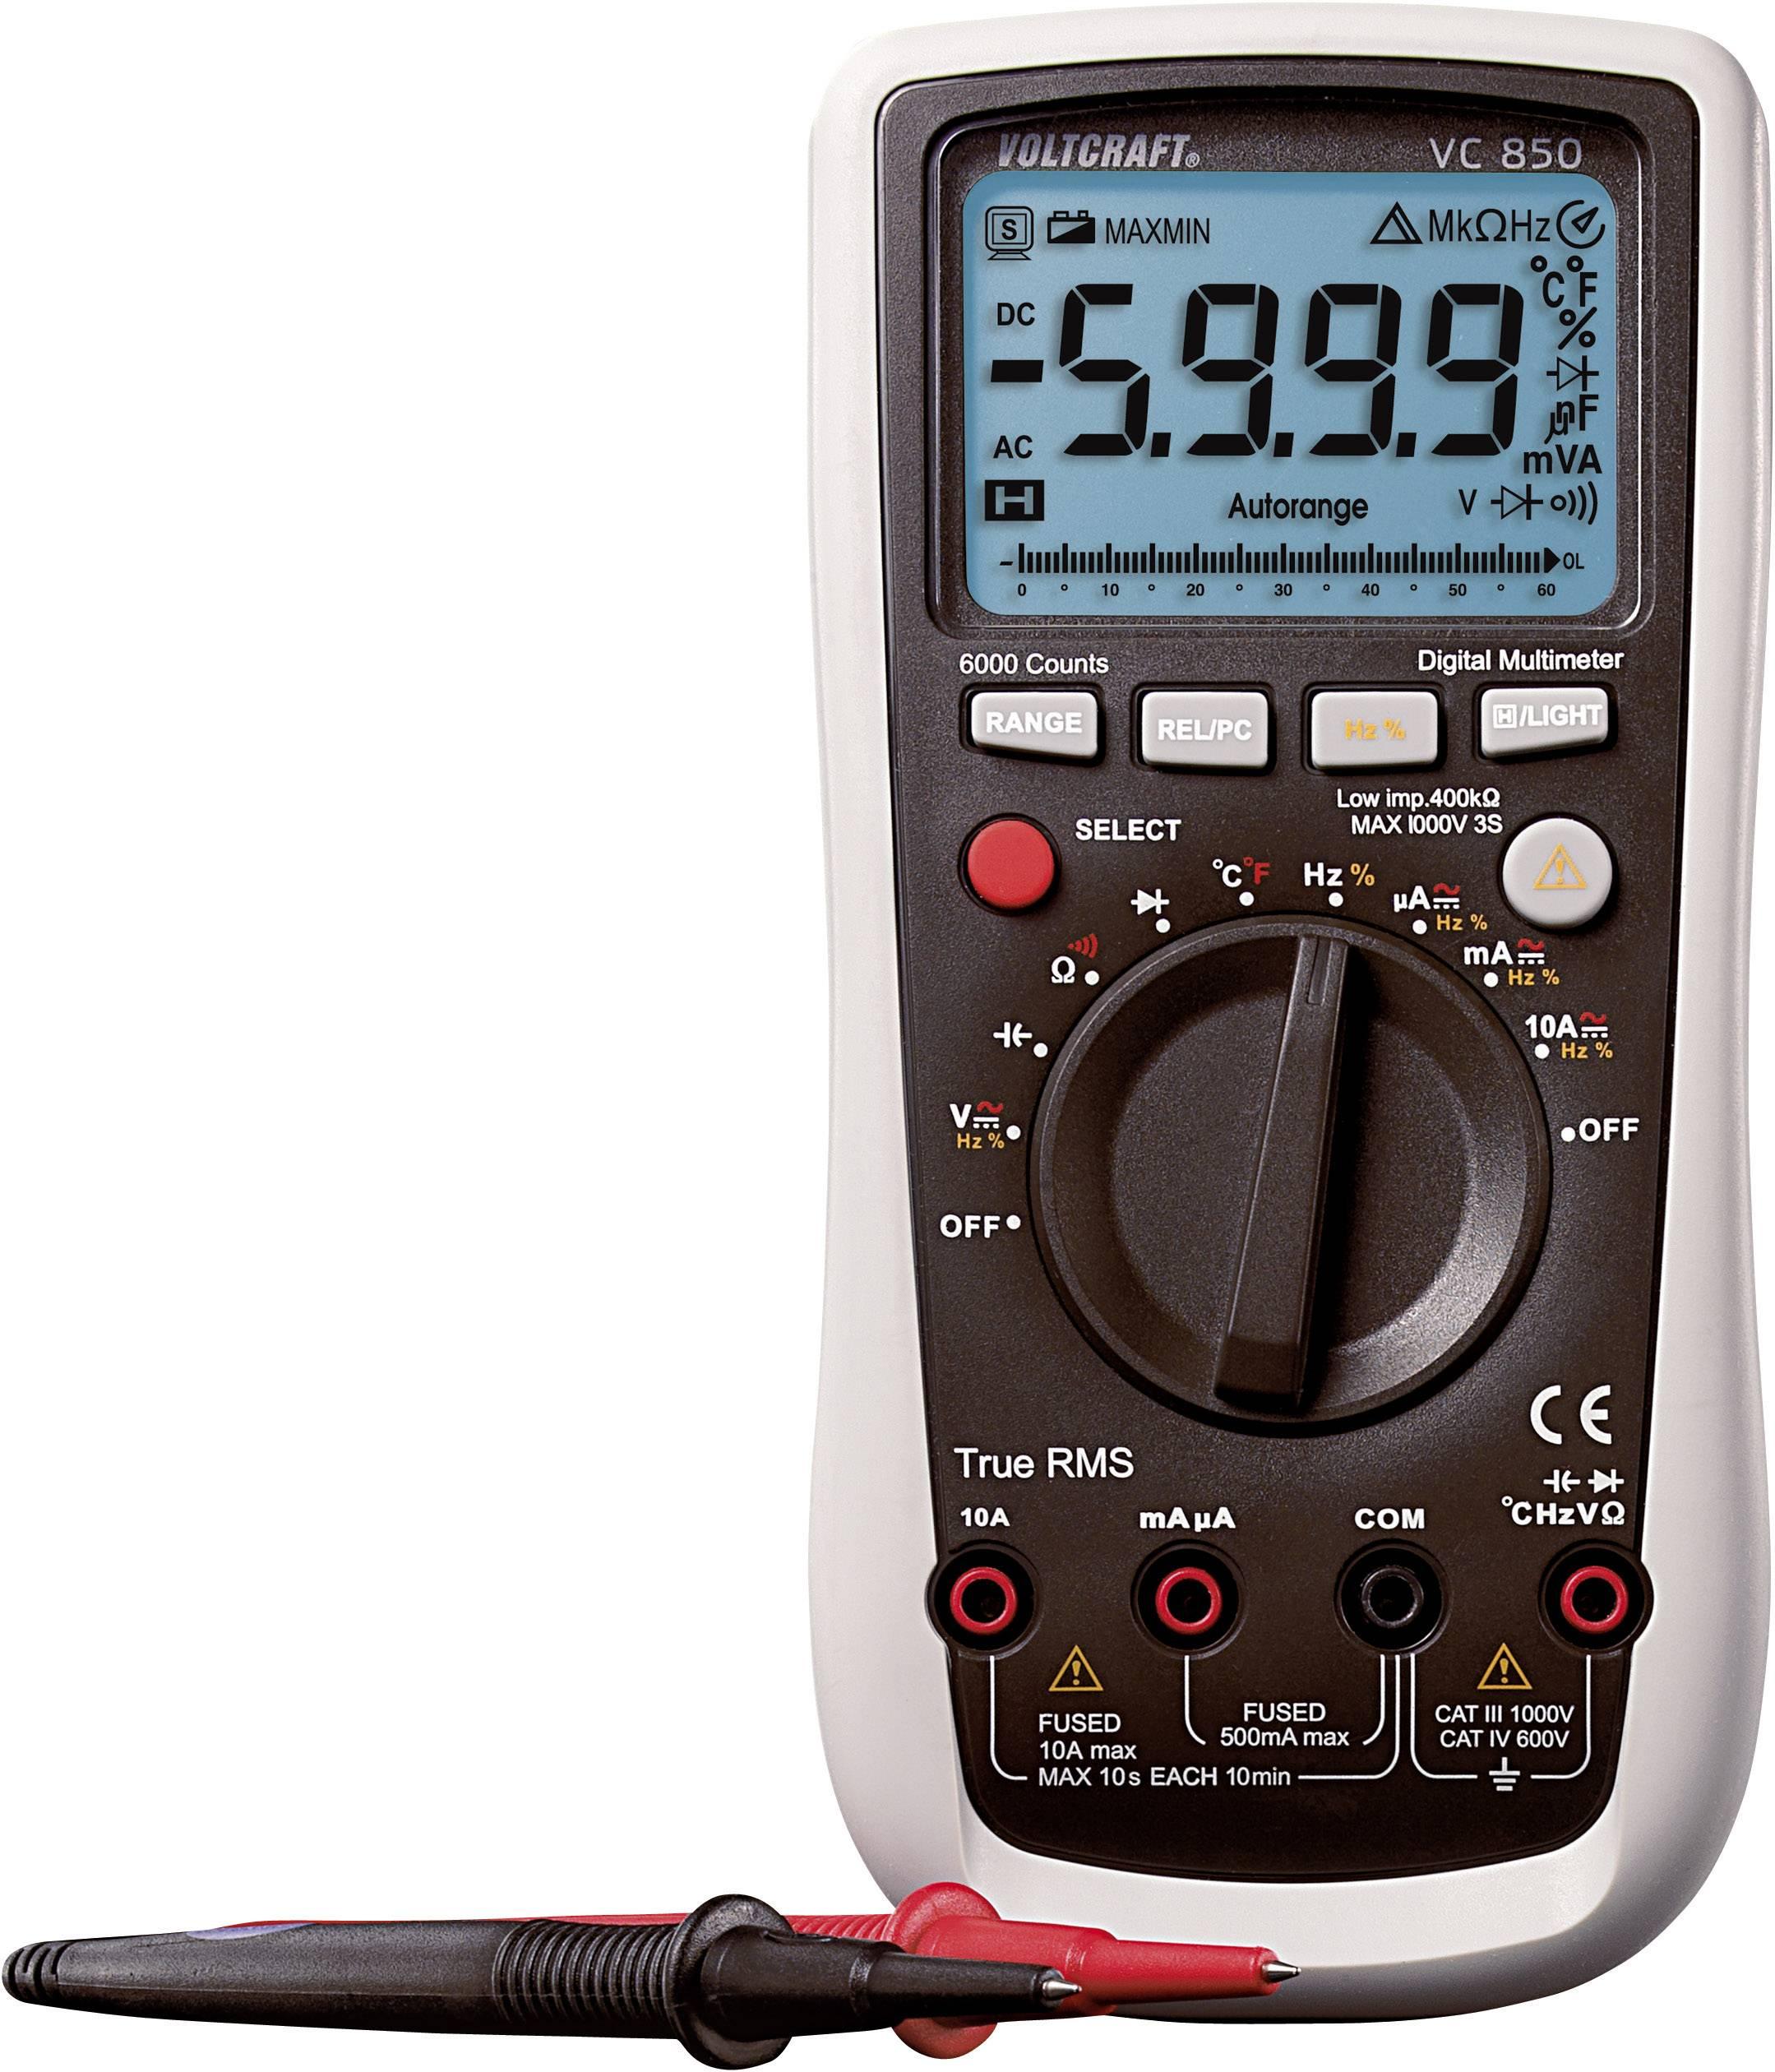 Benning-Digital-Multimeter mm 1-2 Appareil de mesure électricité Appareil de mesure électricien mesurer